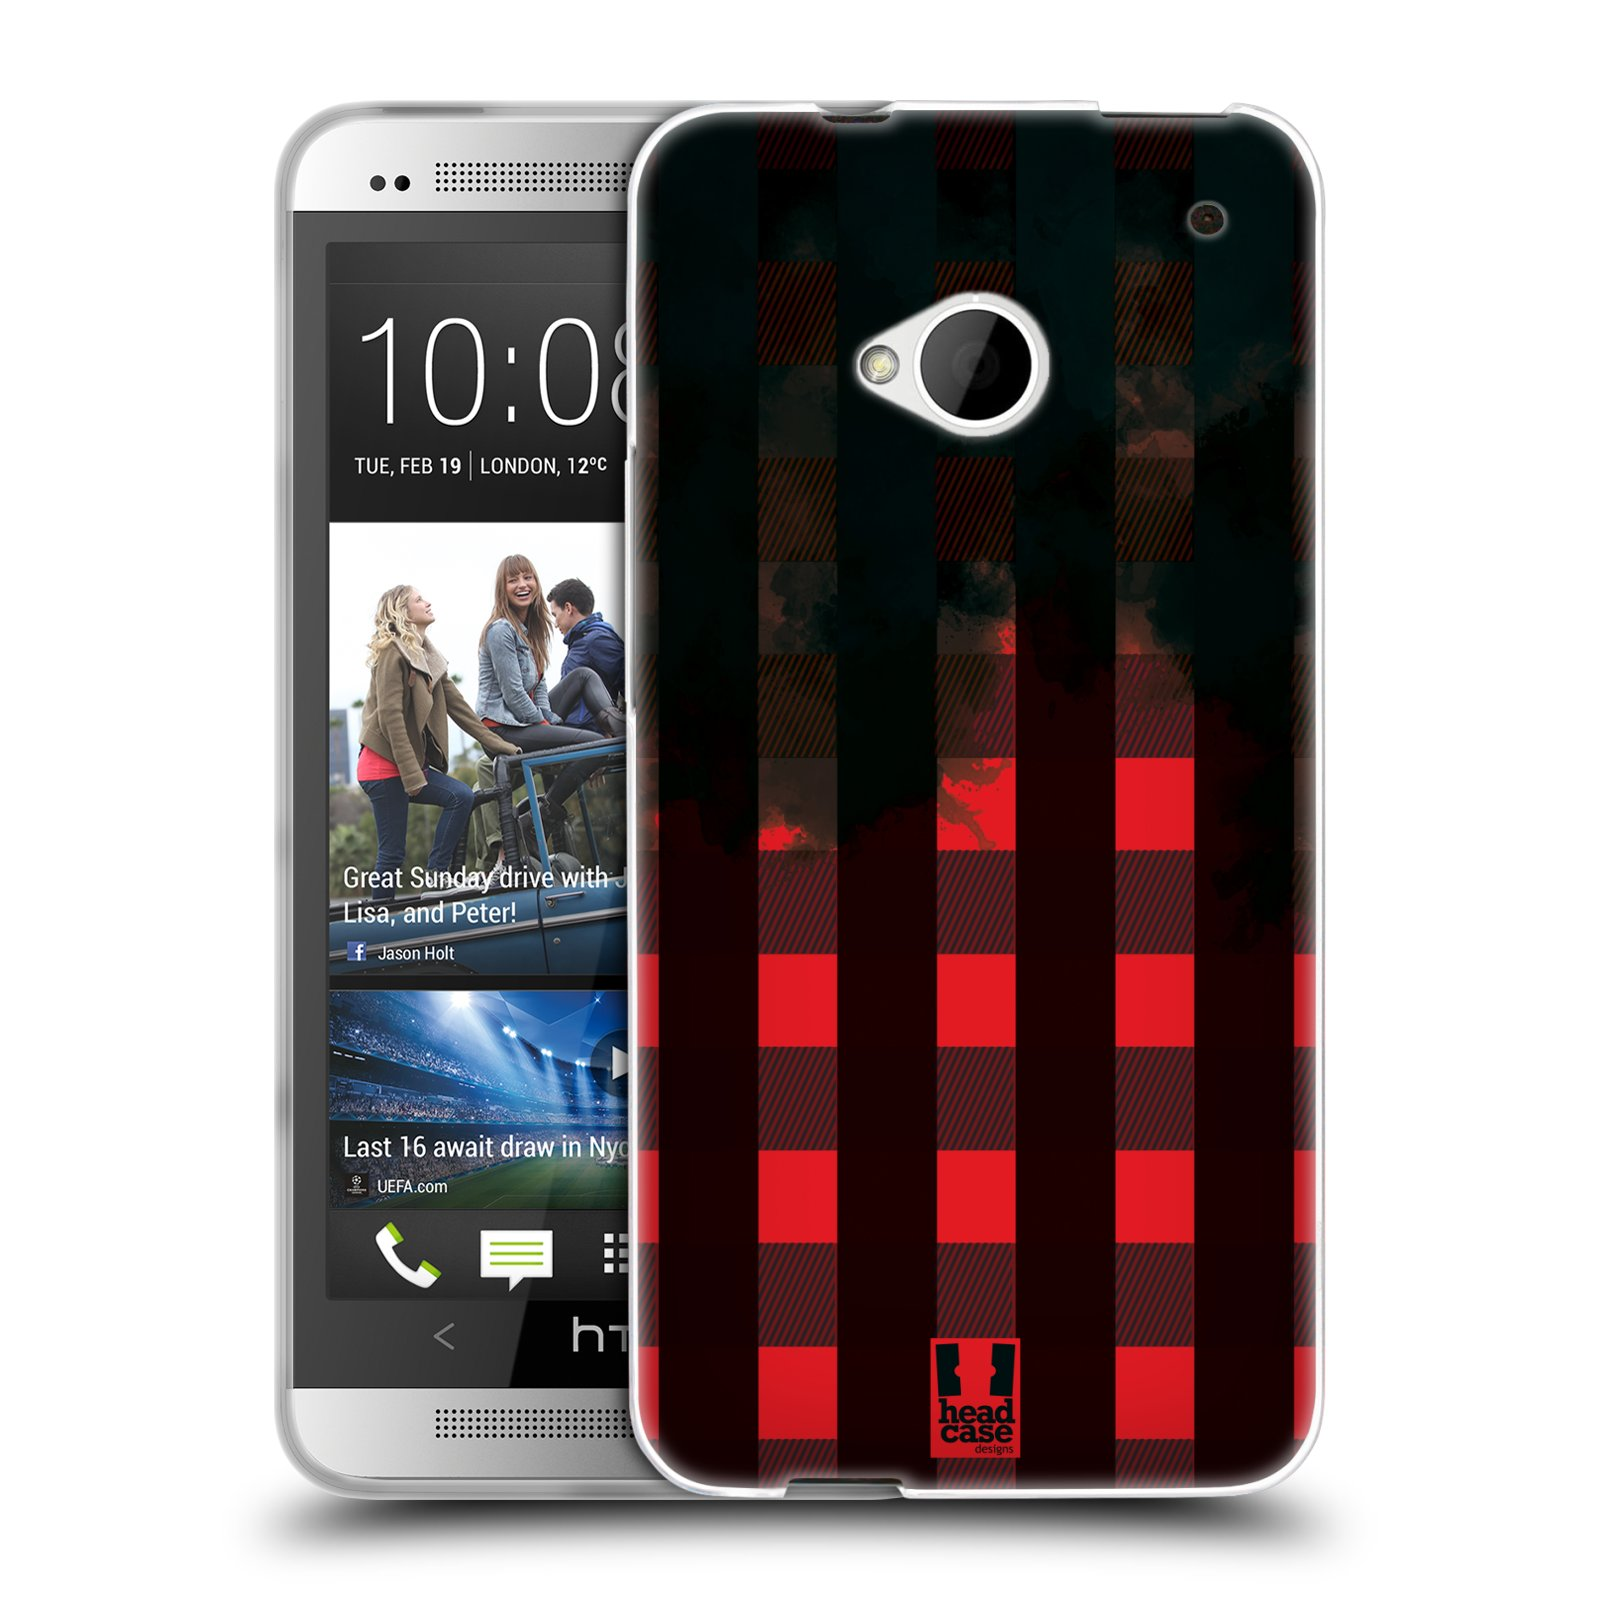 Silikonové pouzdro na mobil HTC ONE M7 HEAD CASE FLANEL RED BLACK (Silikonový kryt či obal na mobilní telefon HTC ONE M7)